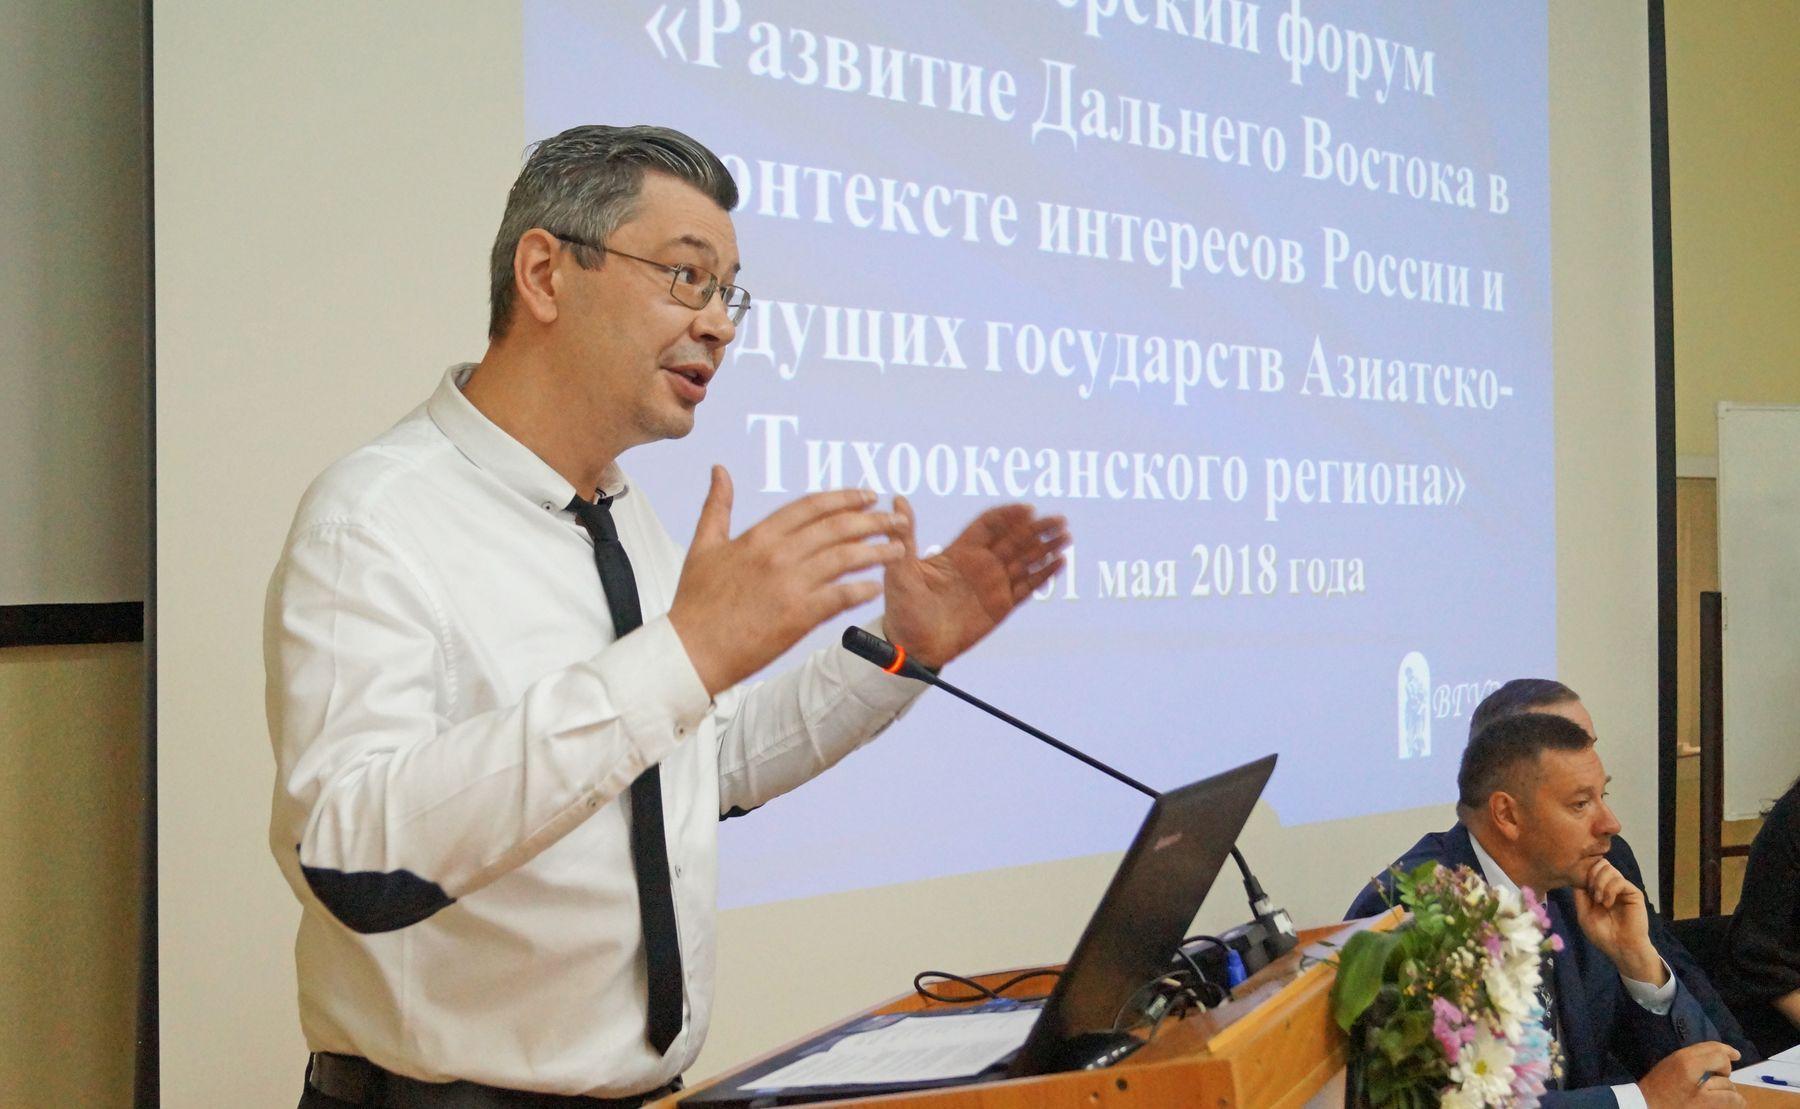 Международный магистерский форум во ВГУЭС: проблемы экономики Дальнего Востока, инновации, туризм и BI-технологии